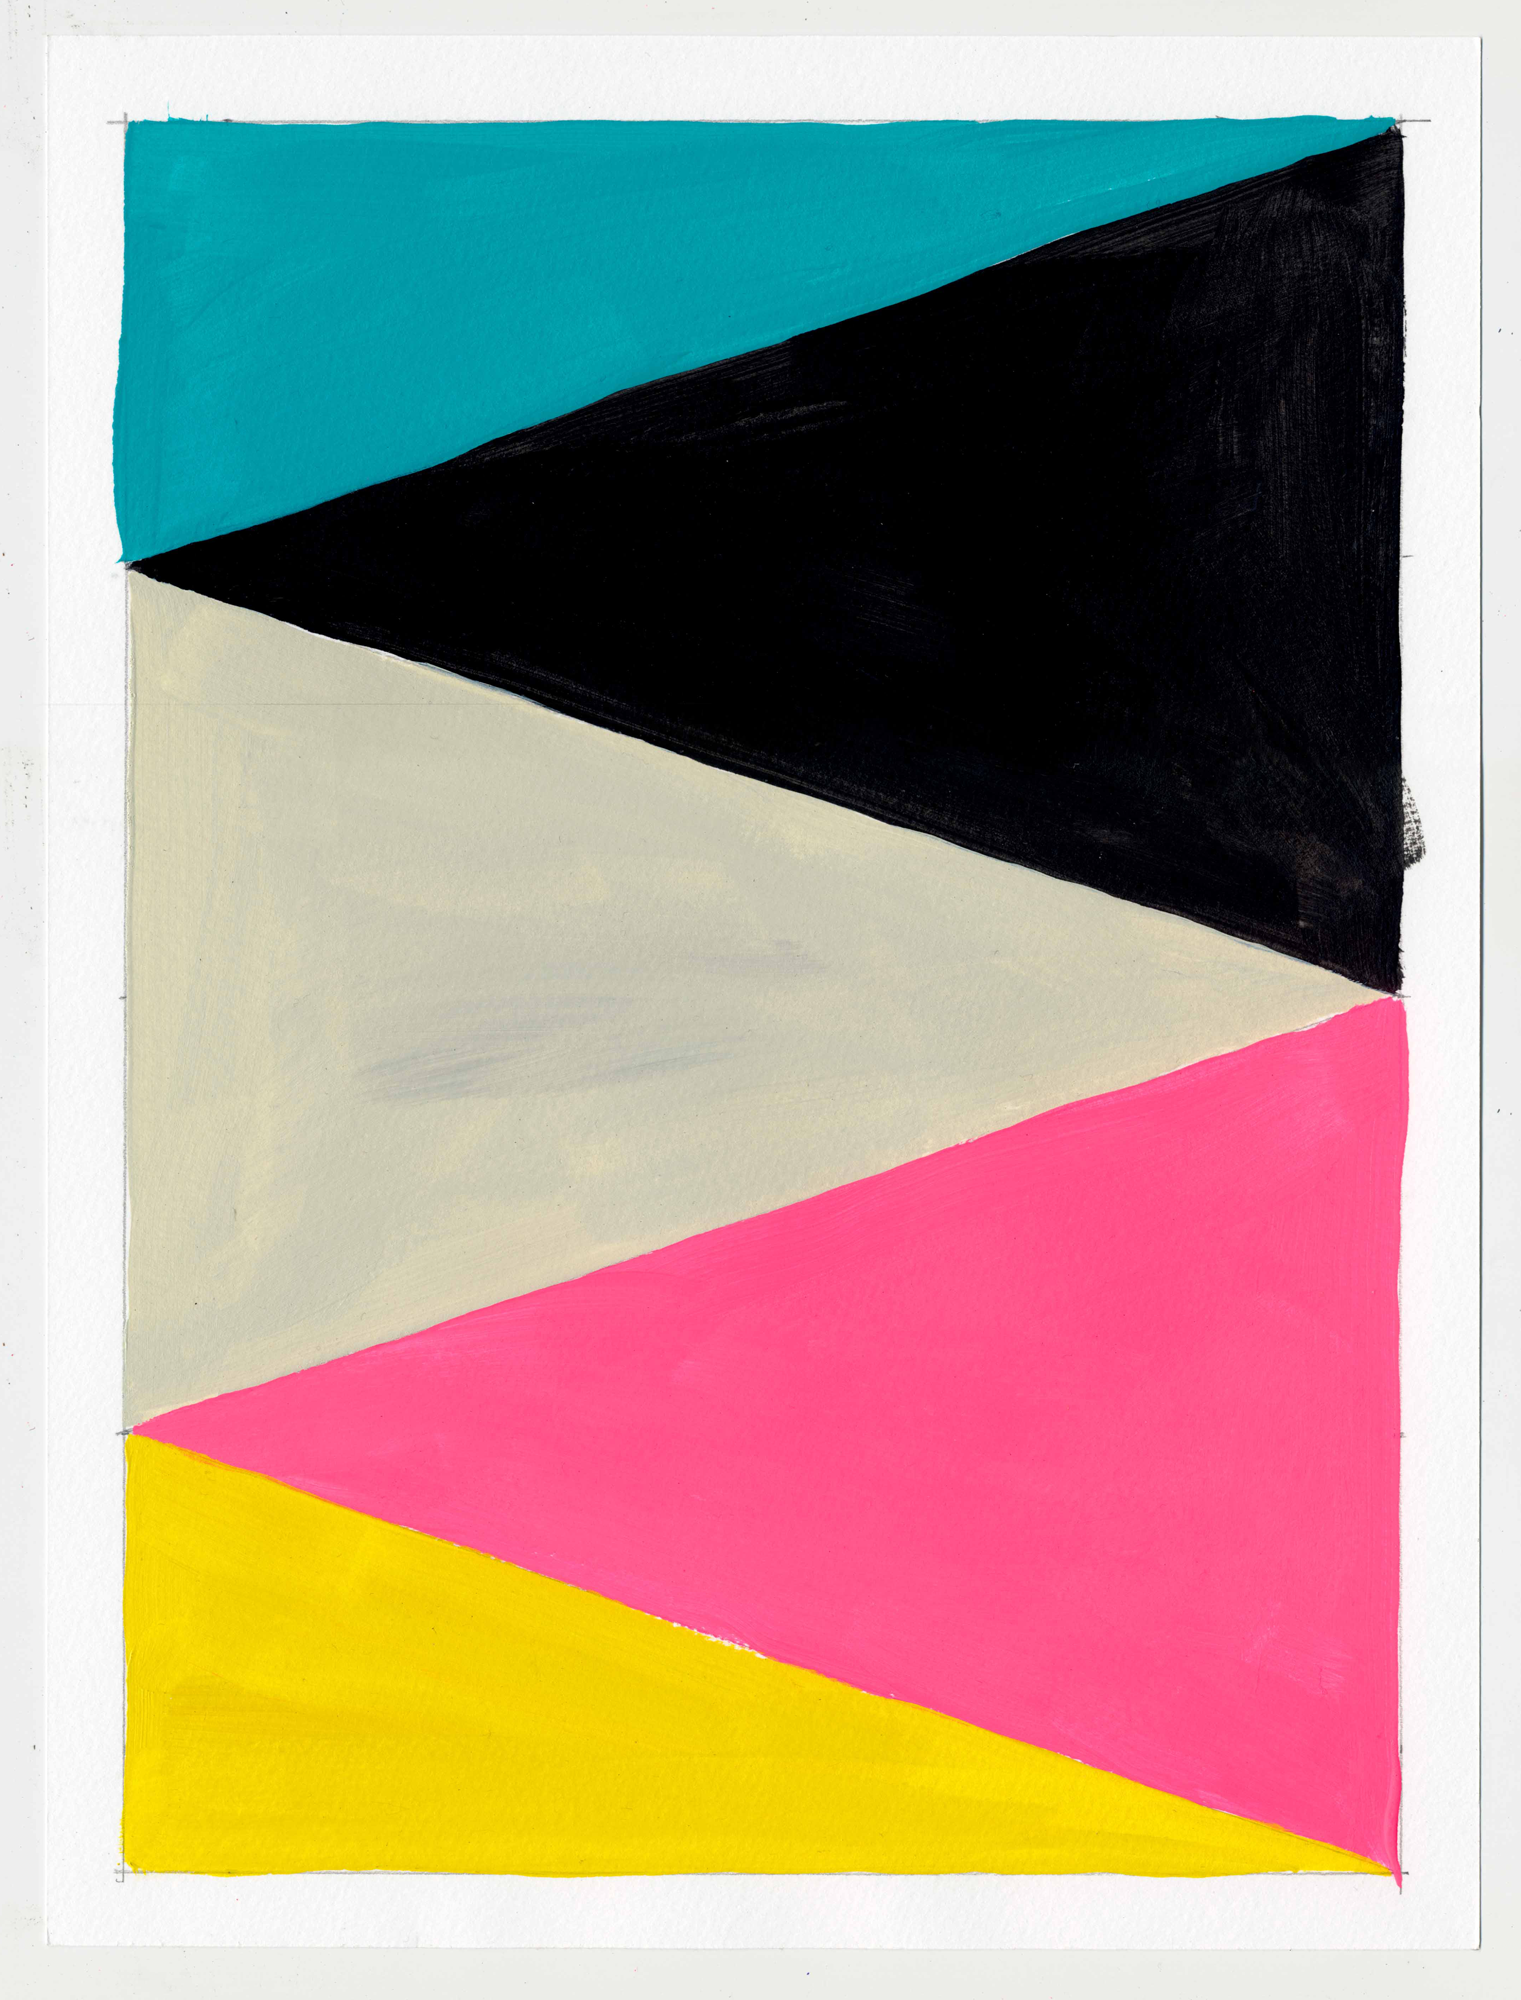 """NY16#61, 12"""" X 9"""", acrylic on paper, 2016  Available at Etsy   prints at Artfully"""